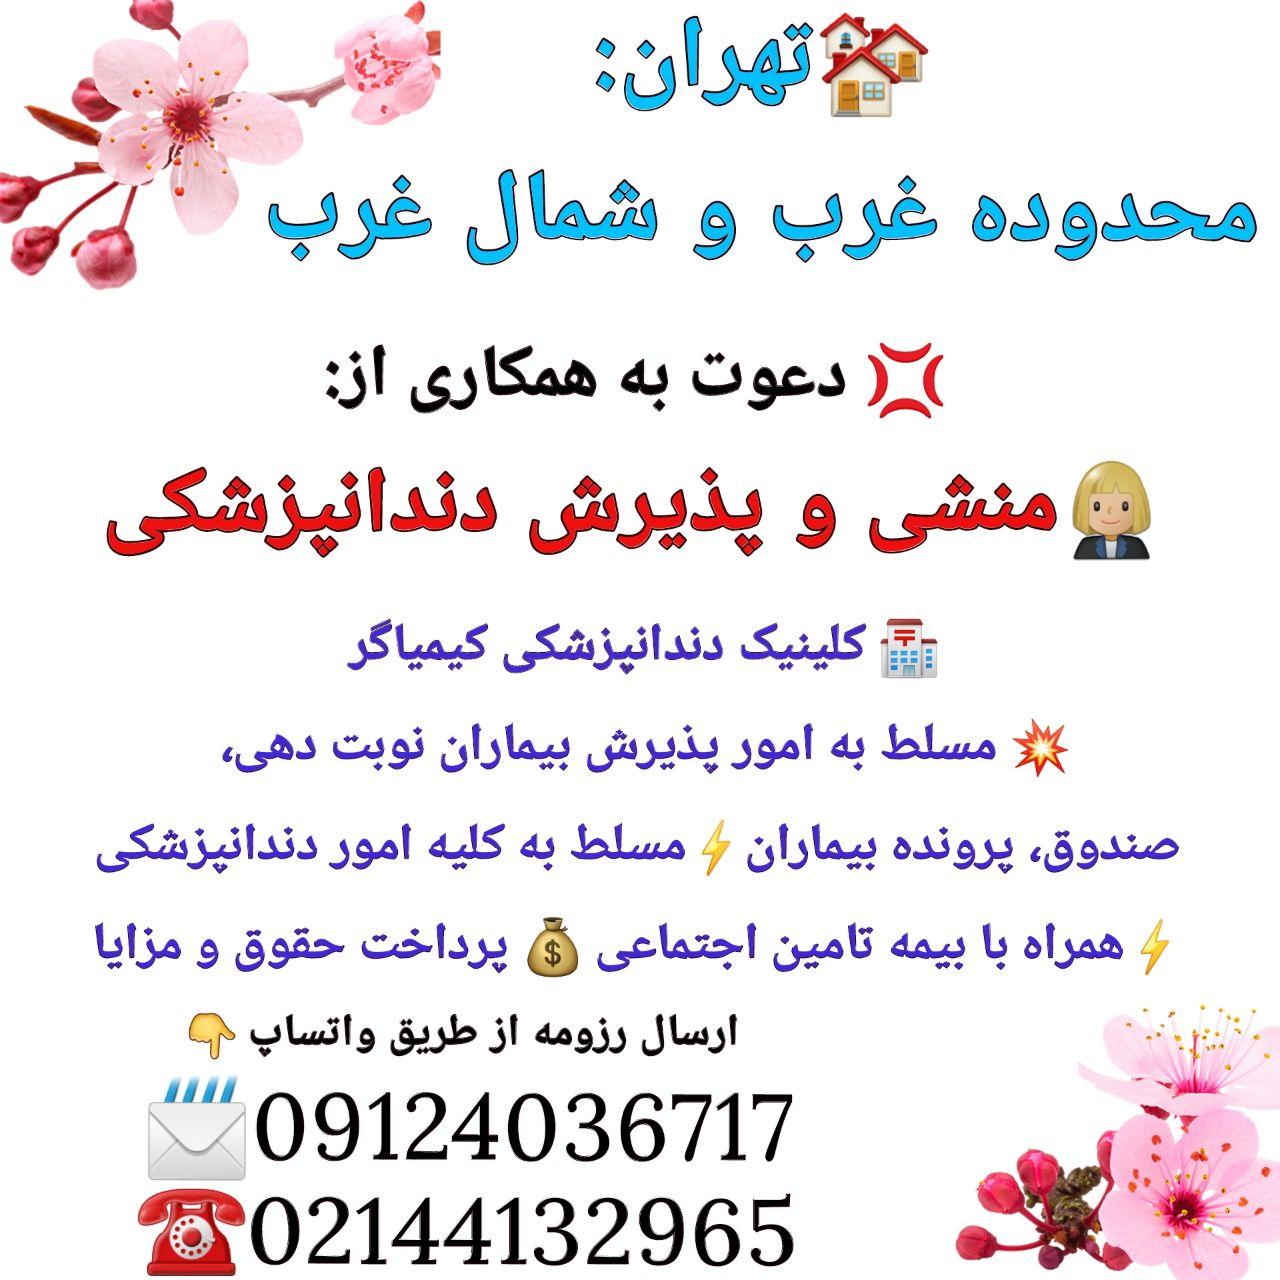 تهران: محدوده غرب و شمال غرب، نیاز منشی پذیرش دندانپزشکی